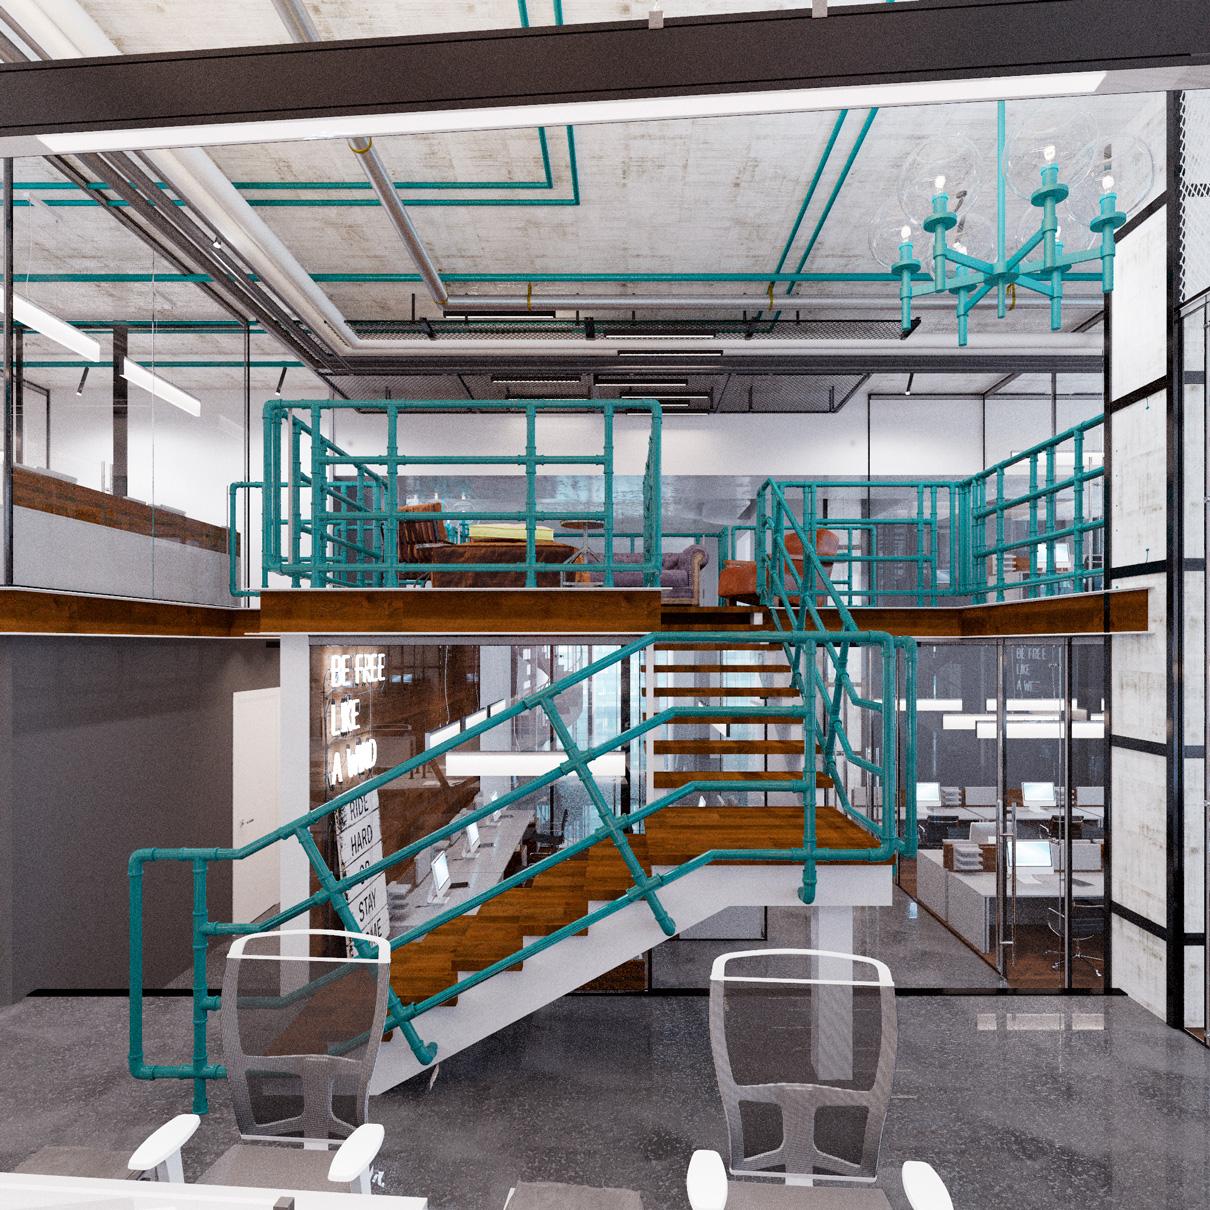 Новое пространство в ОКО будет представлено многоуровневым коворкингом с амфитеатром для презентаций